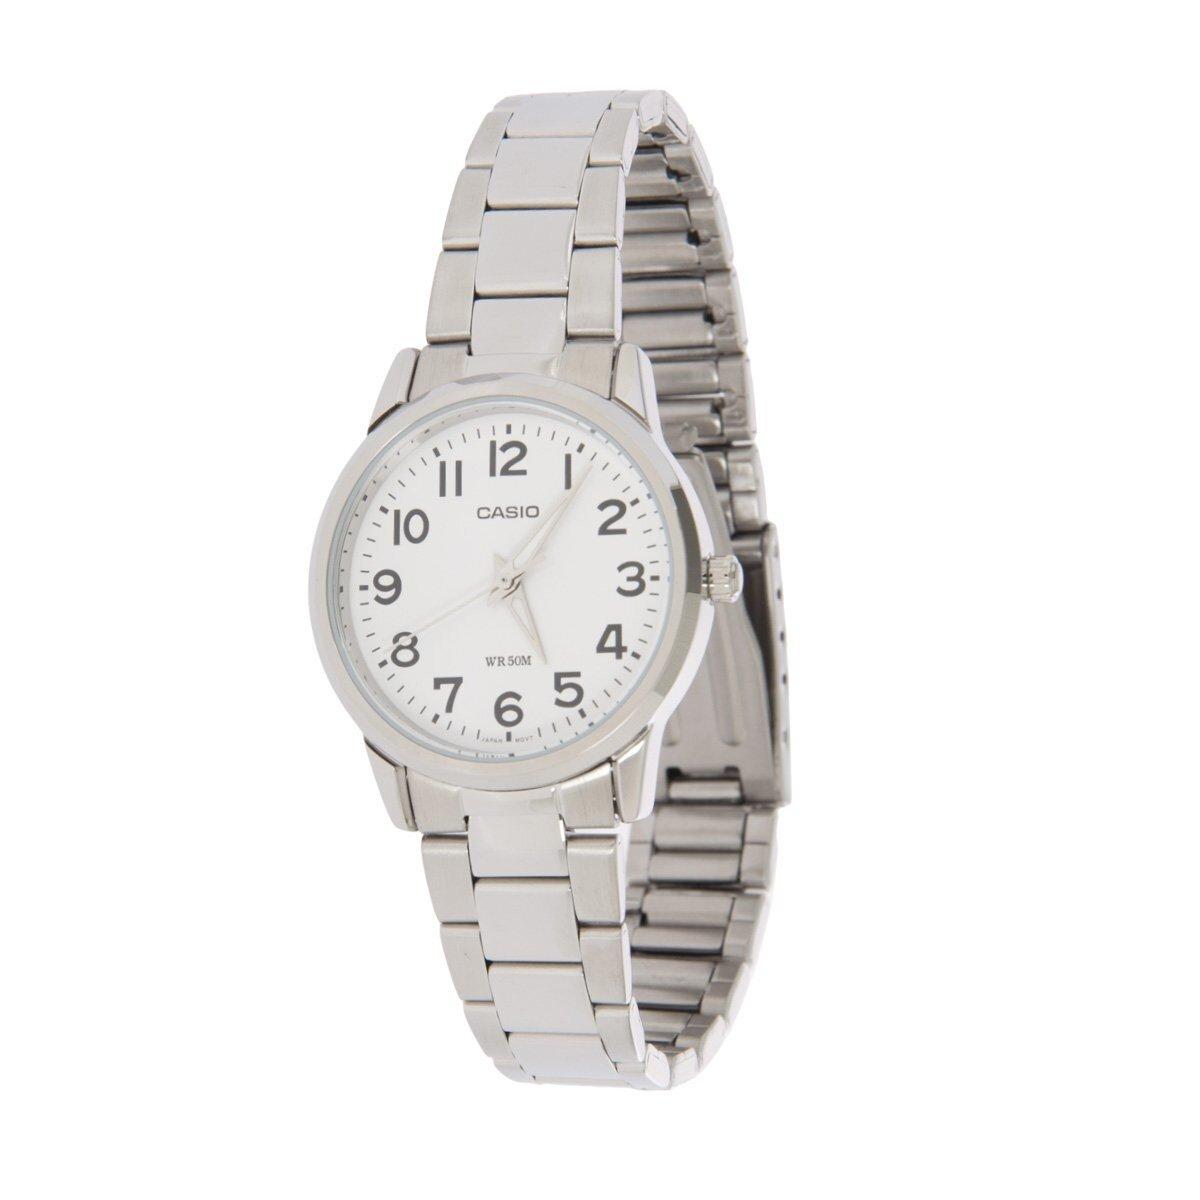 Dámske oceľové hodinky Casio s bielym ciferníkom  410b352cbf0